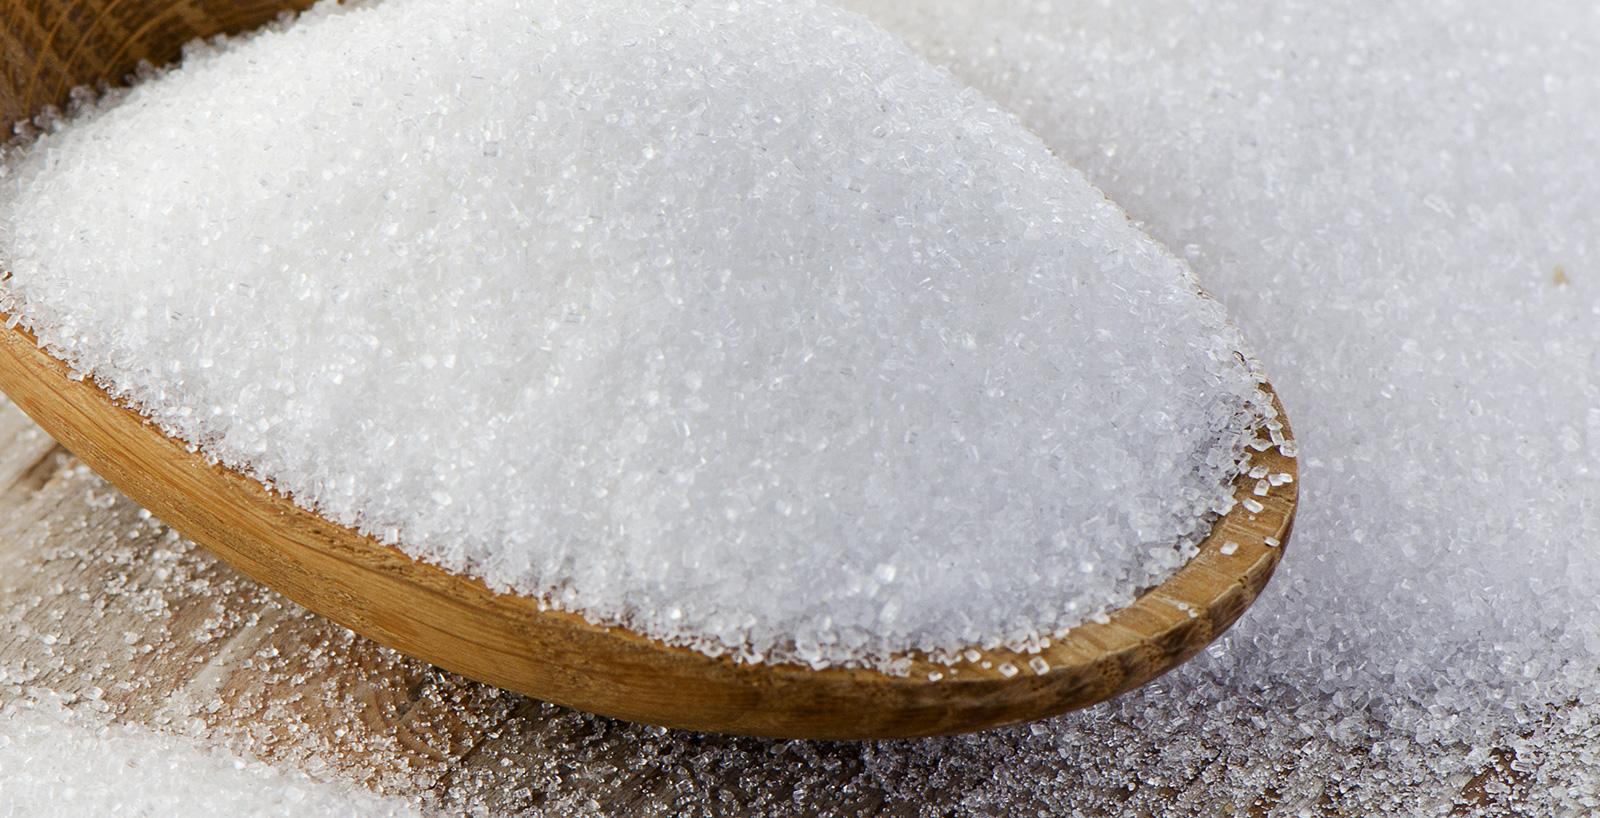 Cristalli perfetti dello zucchero.